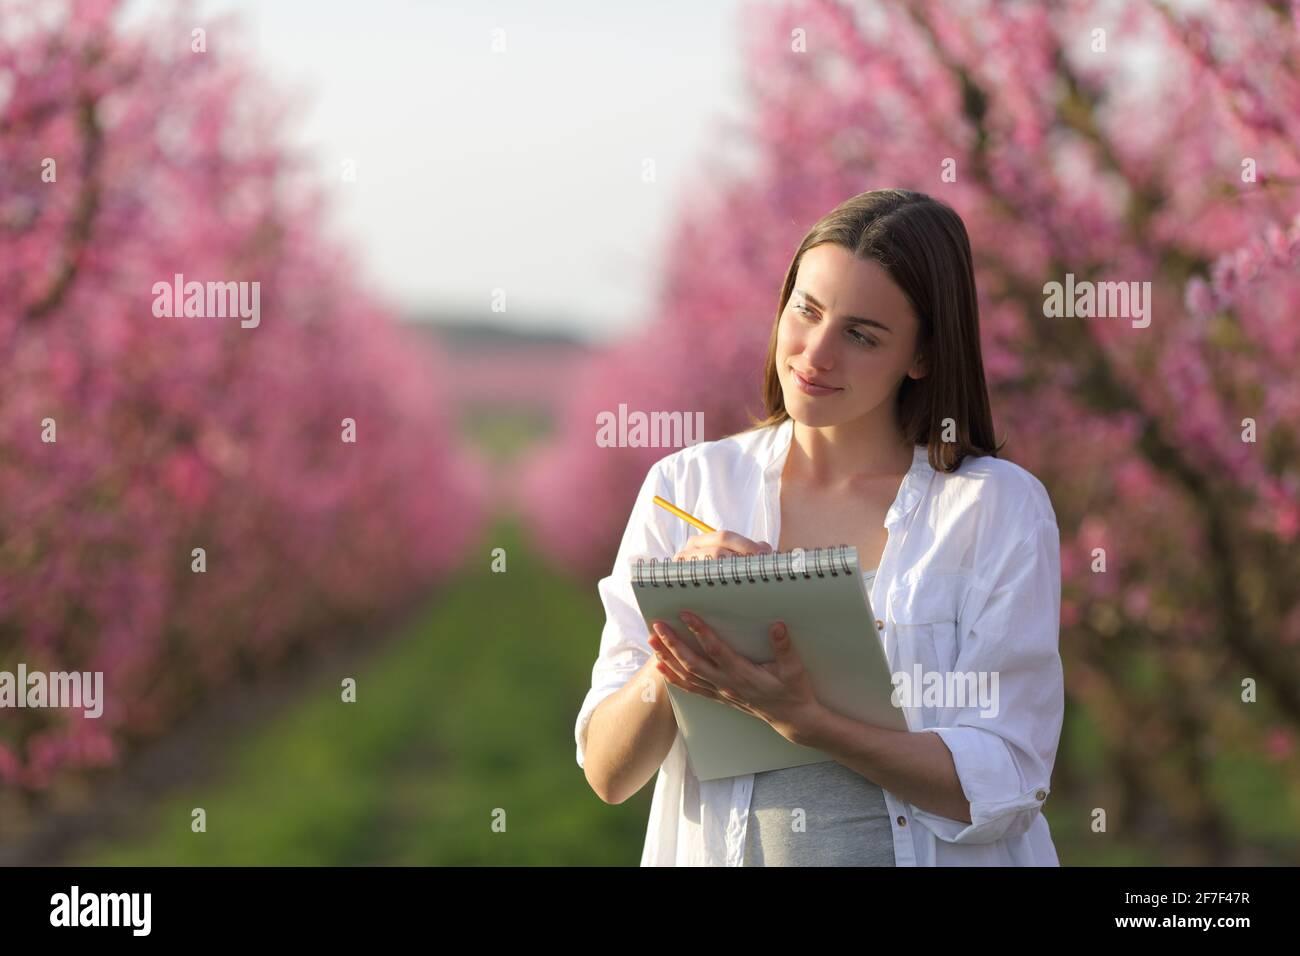 Bonne femme à dessiner sur un carnet dans un champ fleuri rose au printemps Banque D'Images